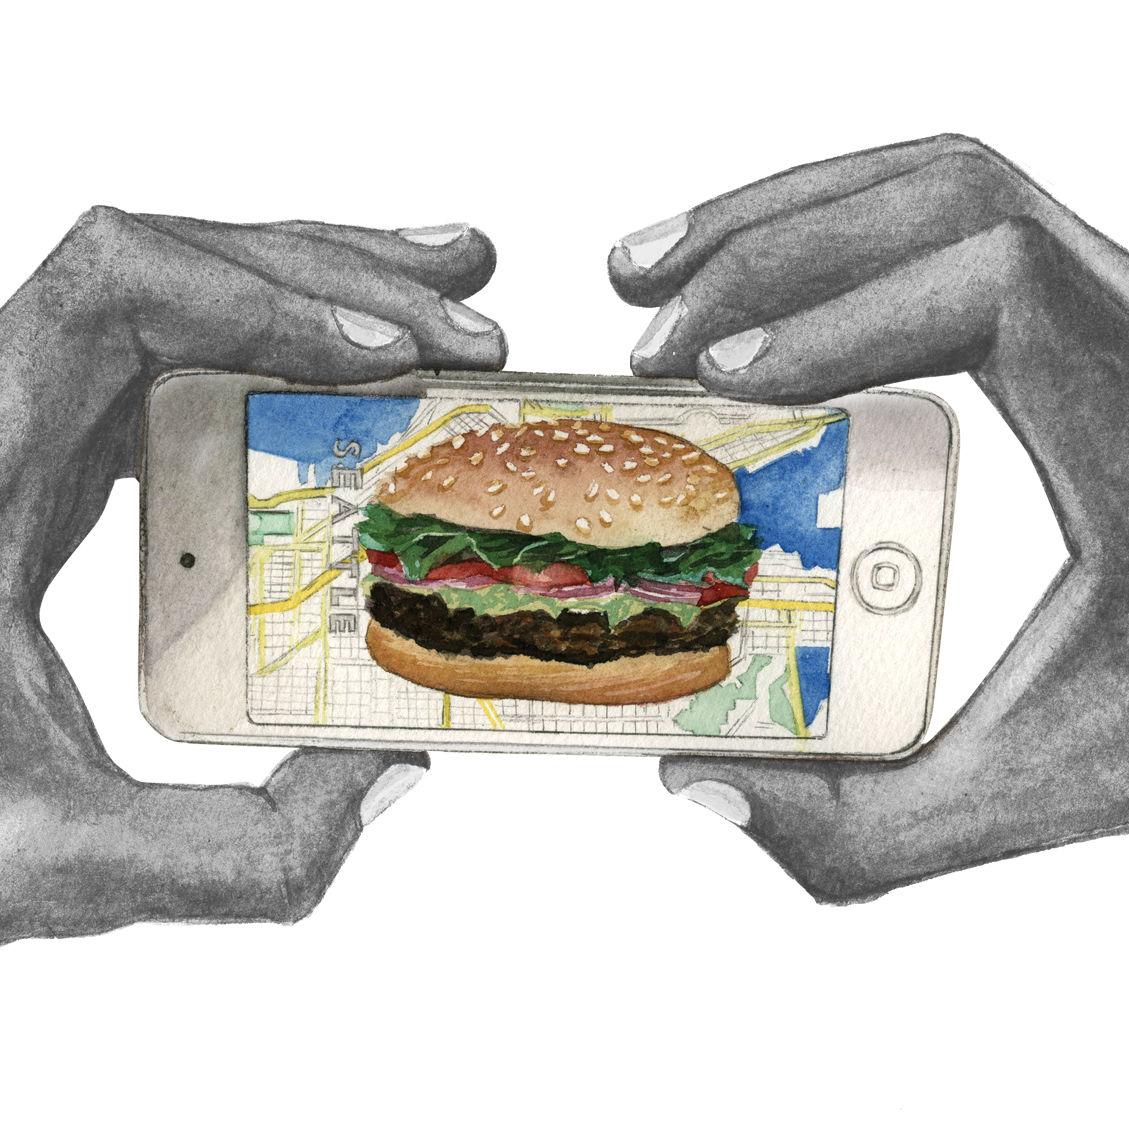 Hands phone burger map001 kjkdr0